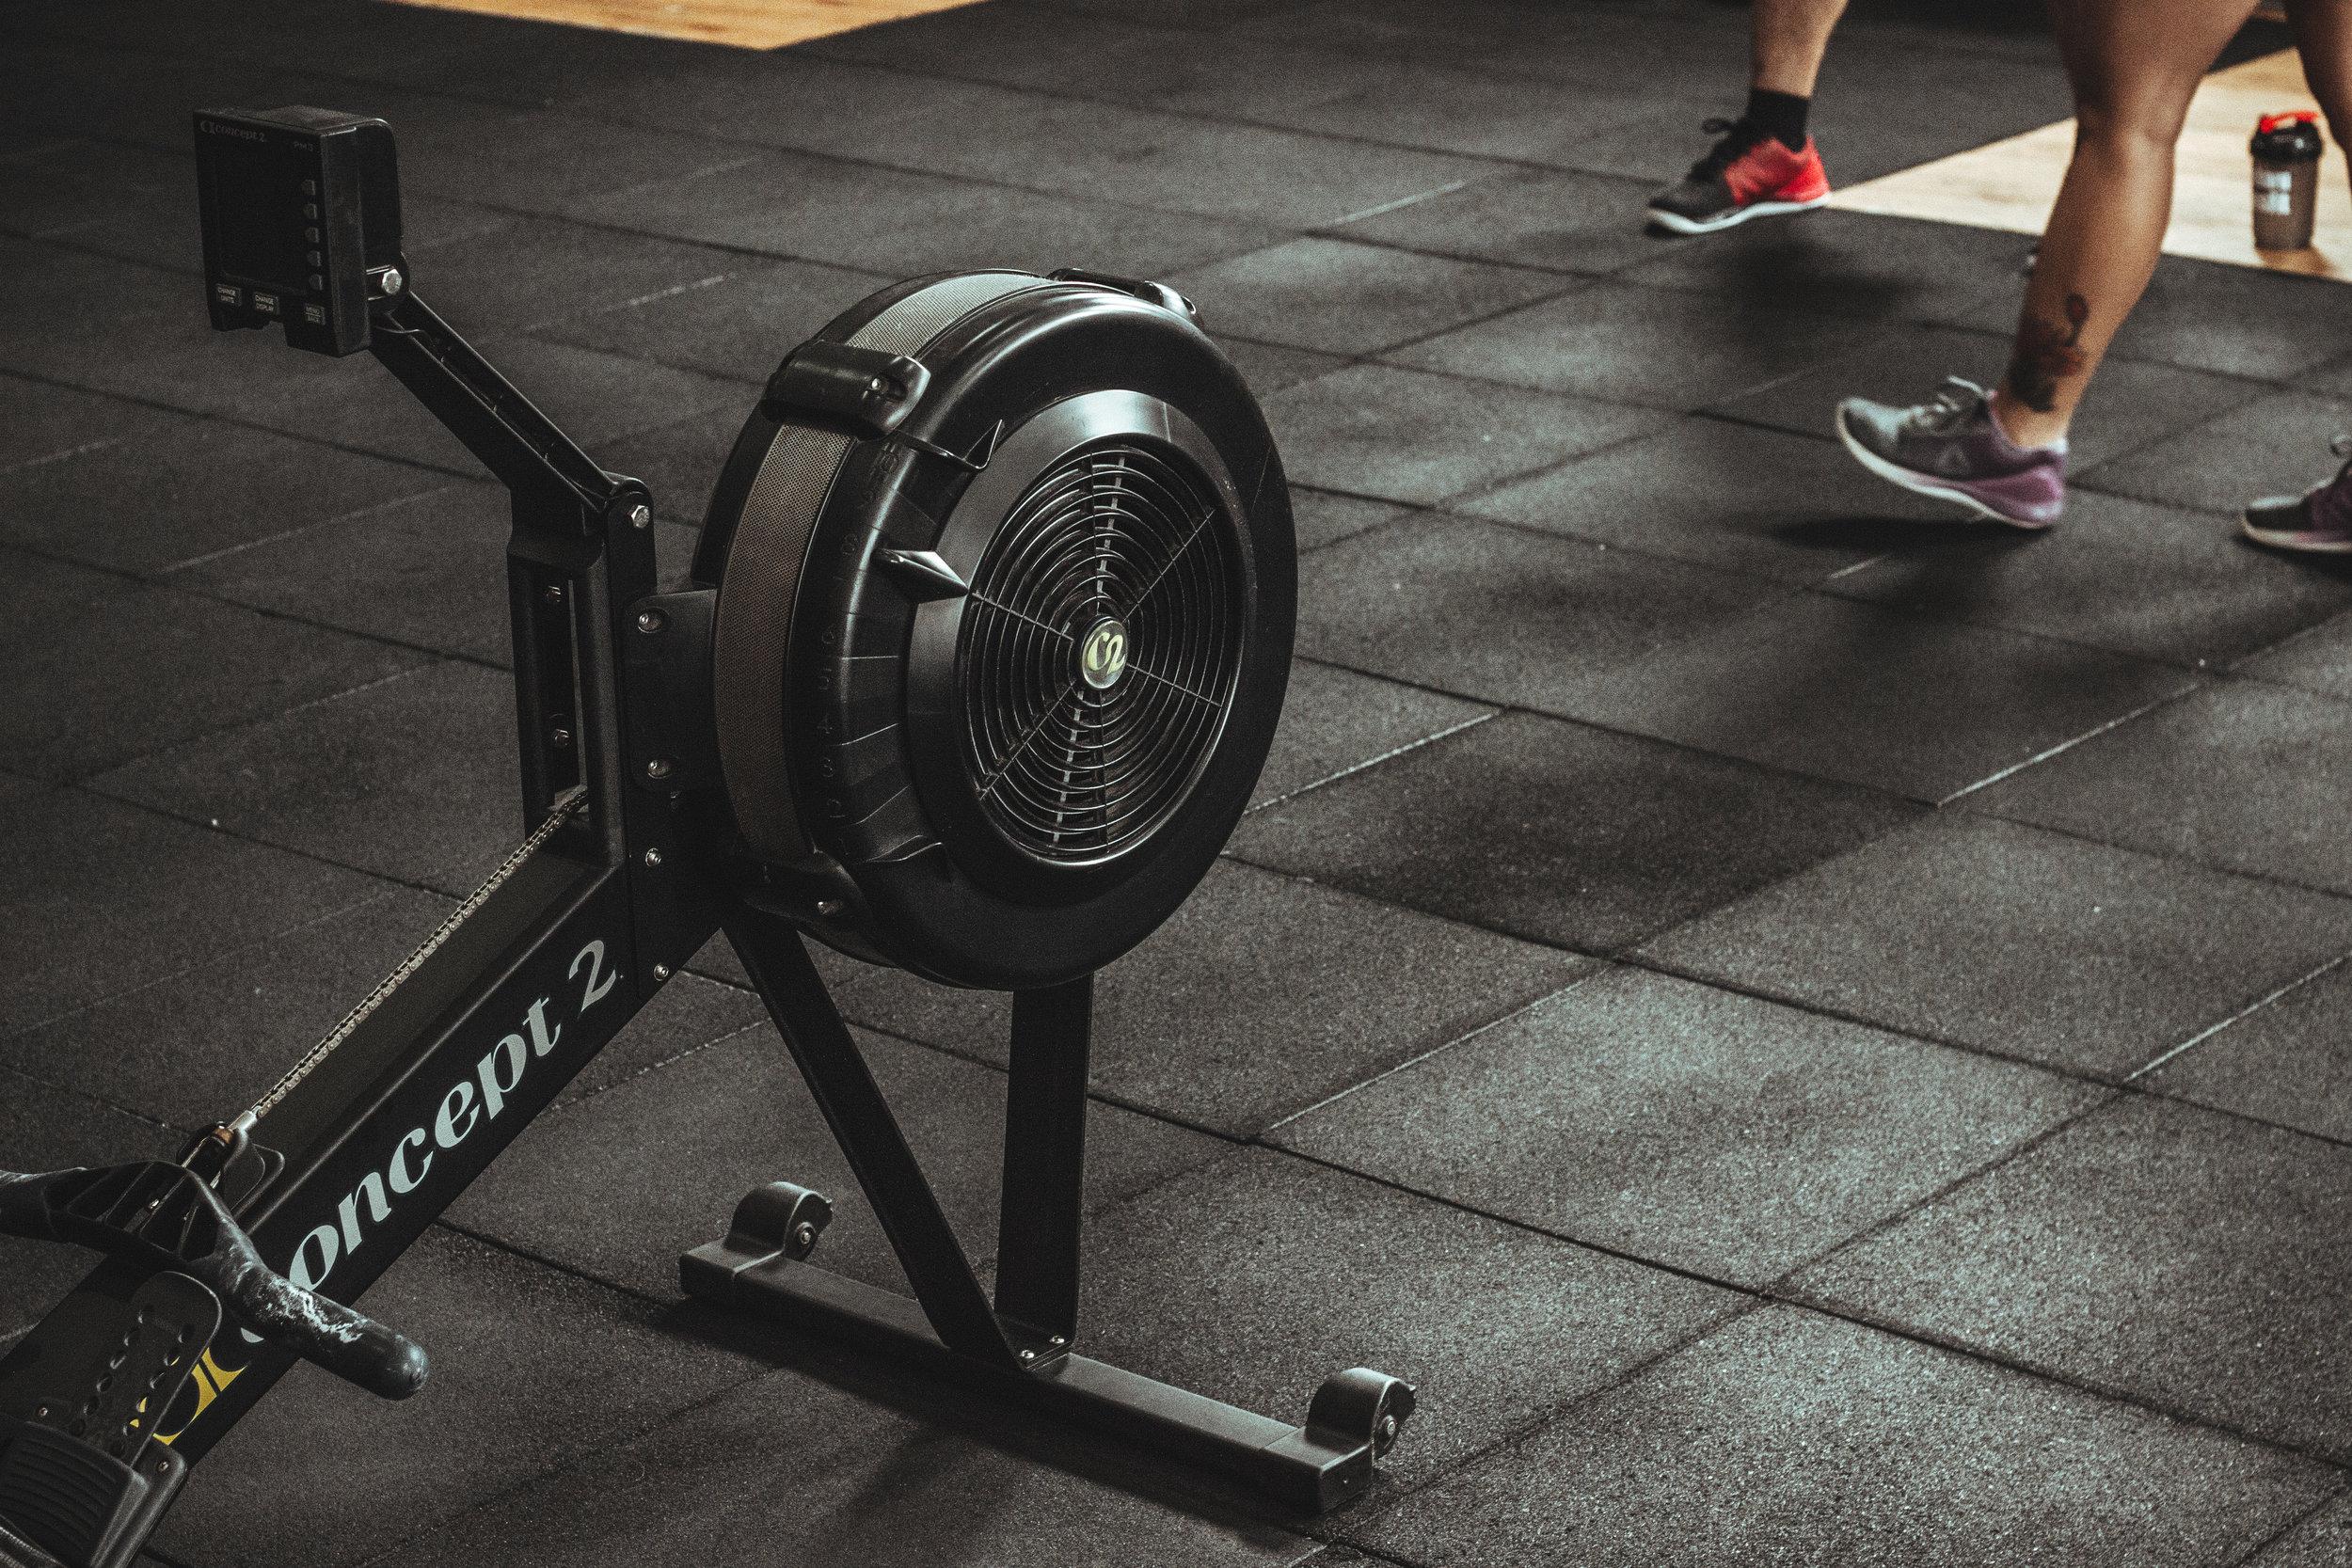 wieghtliting fitness travel rx